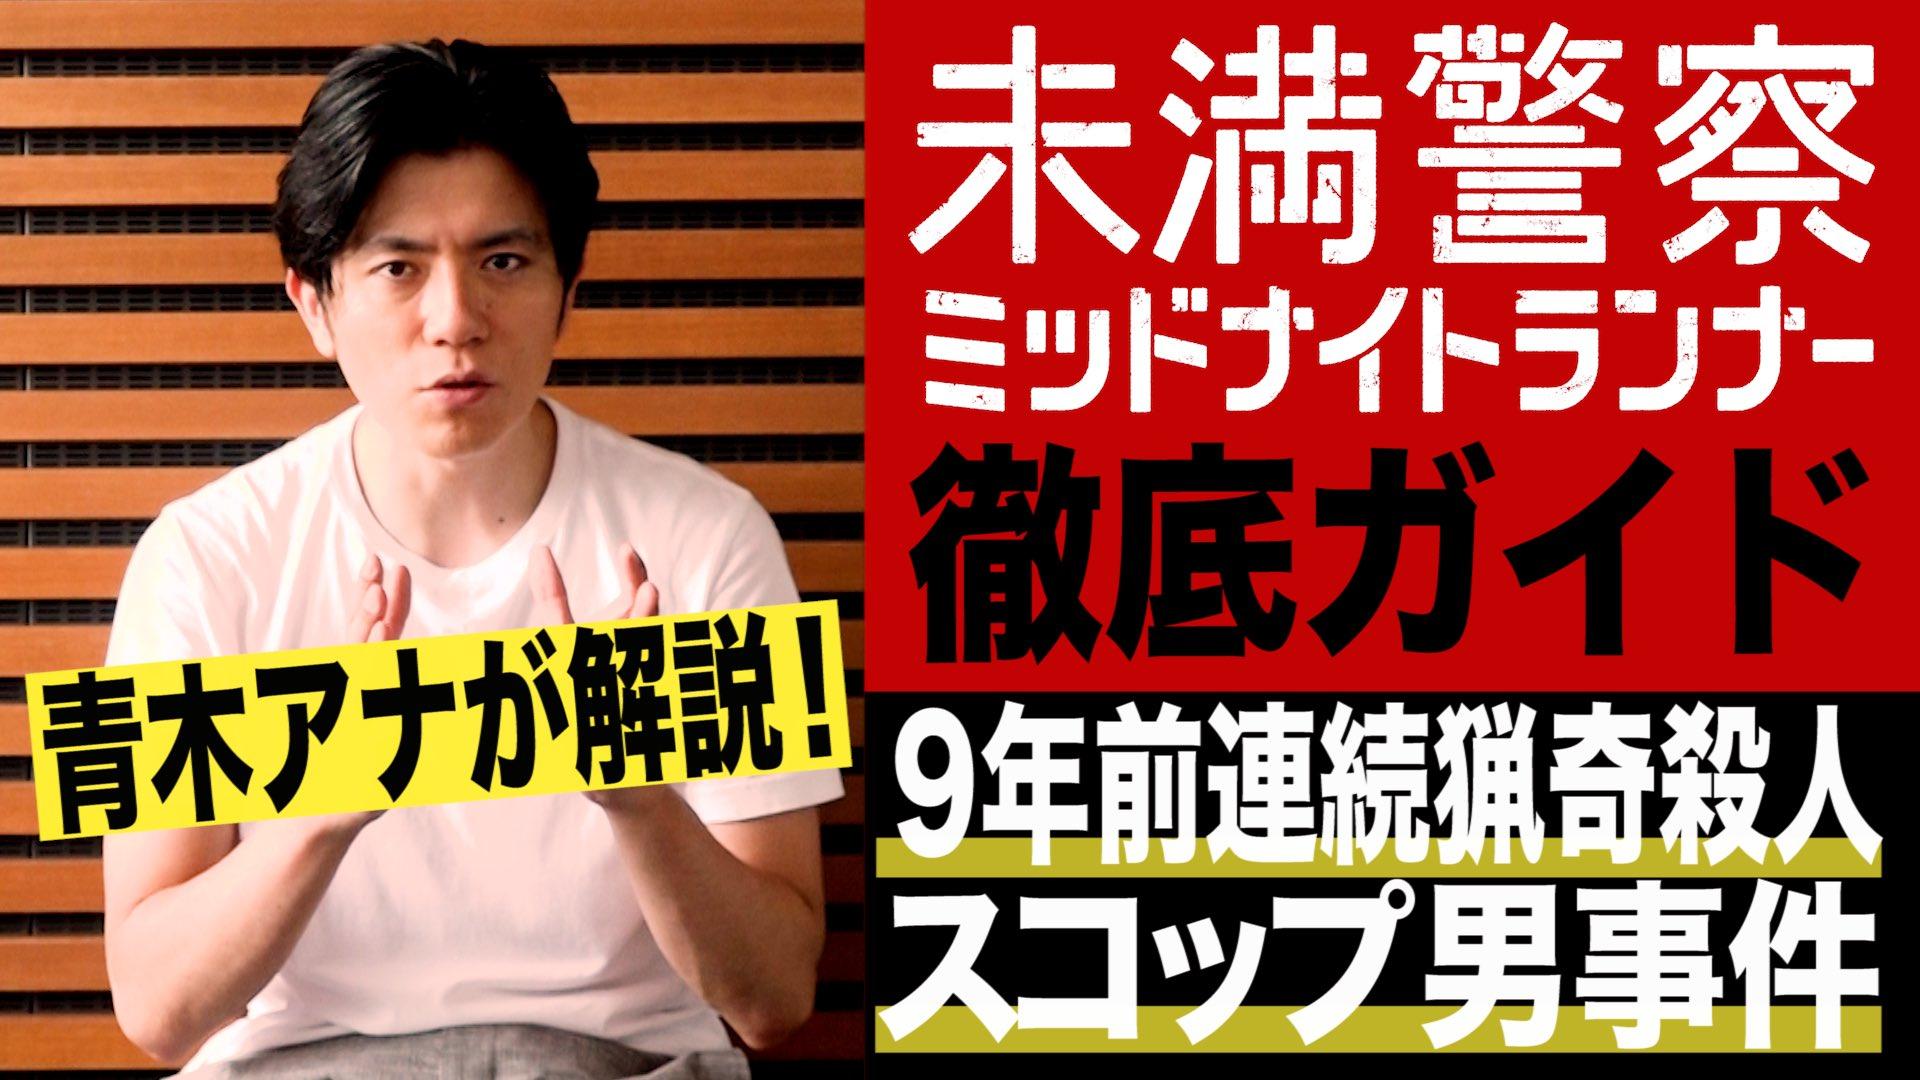 動画 7話 ドラマ 未満警察